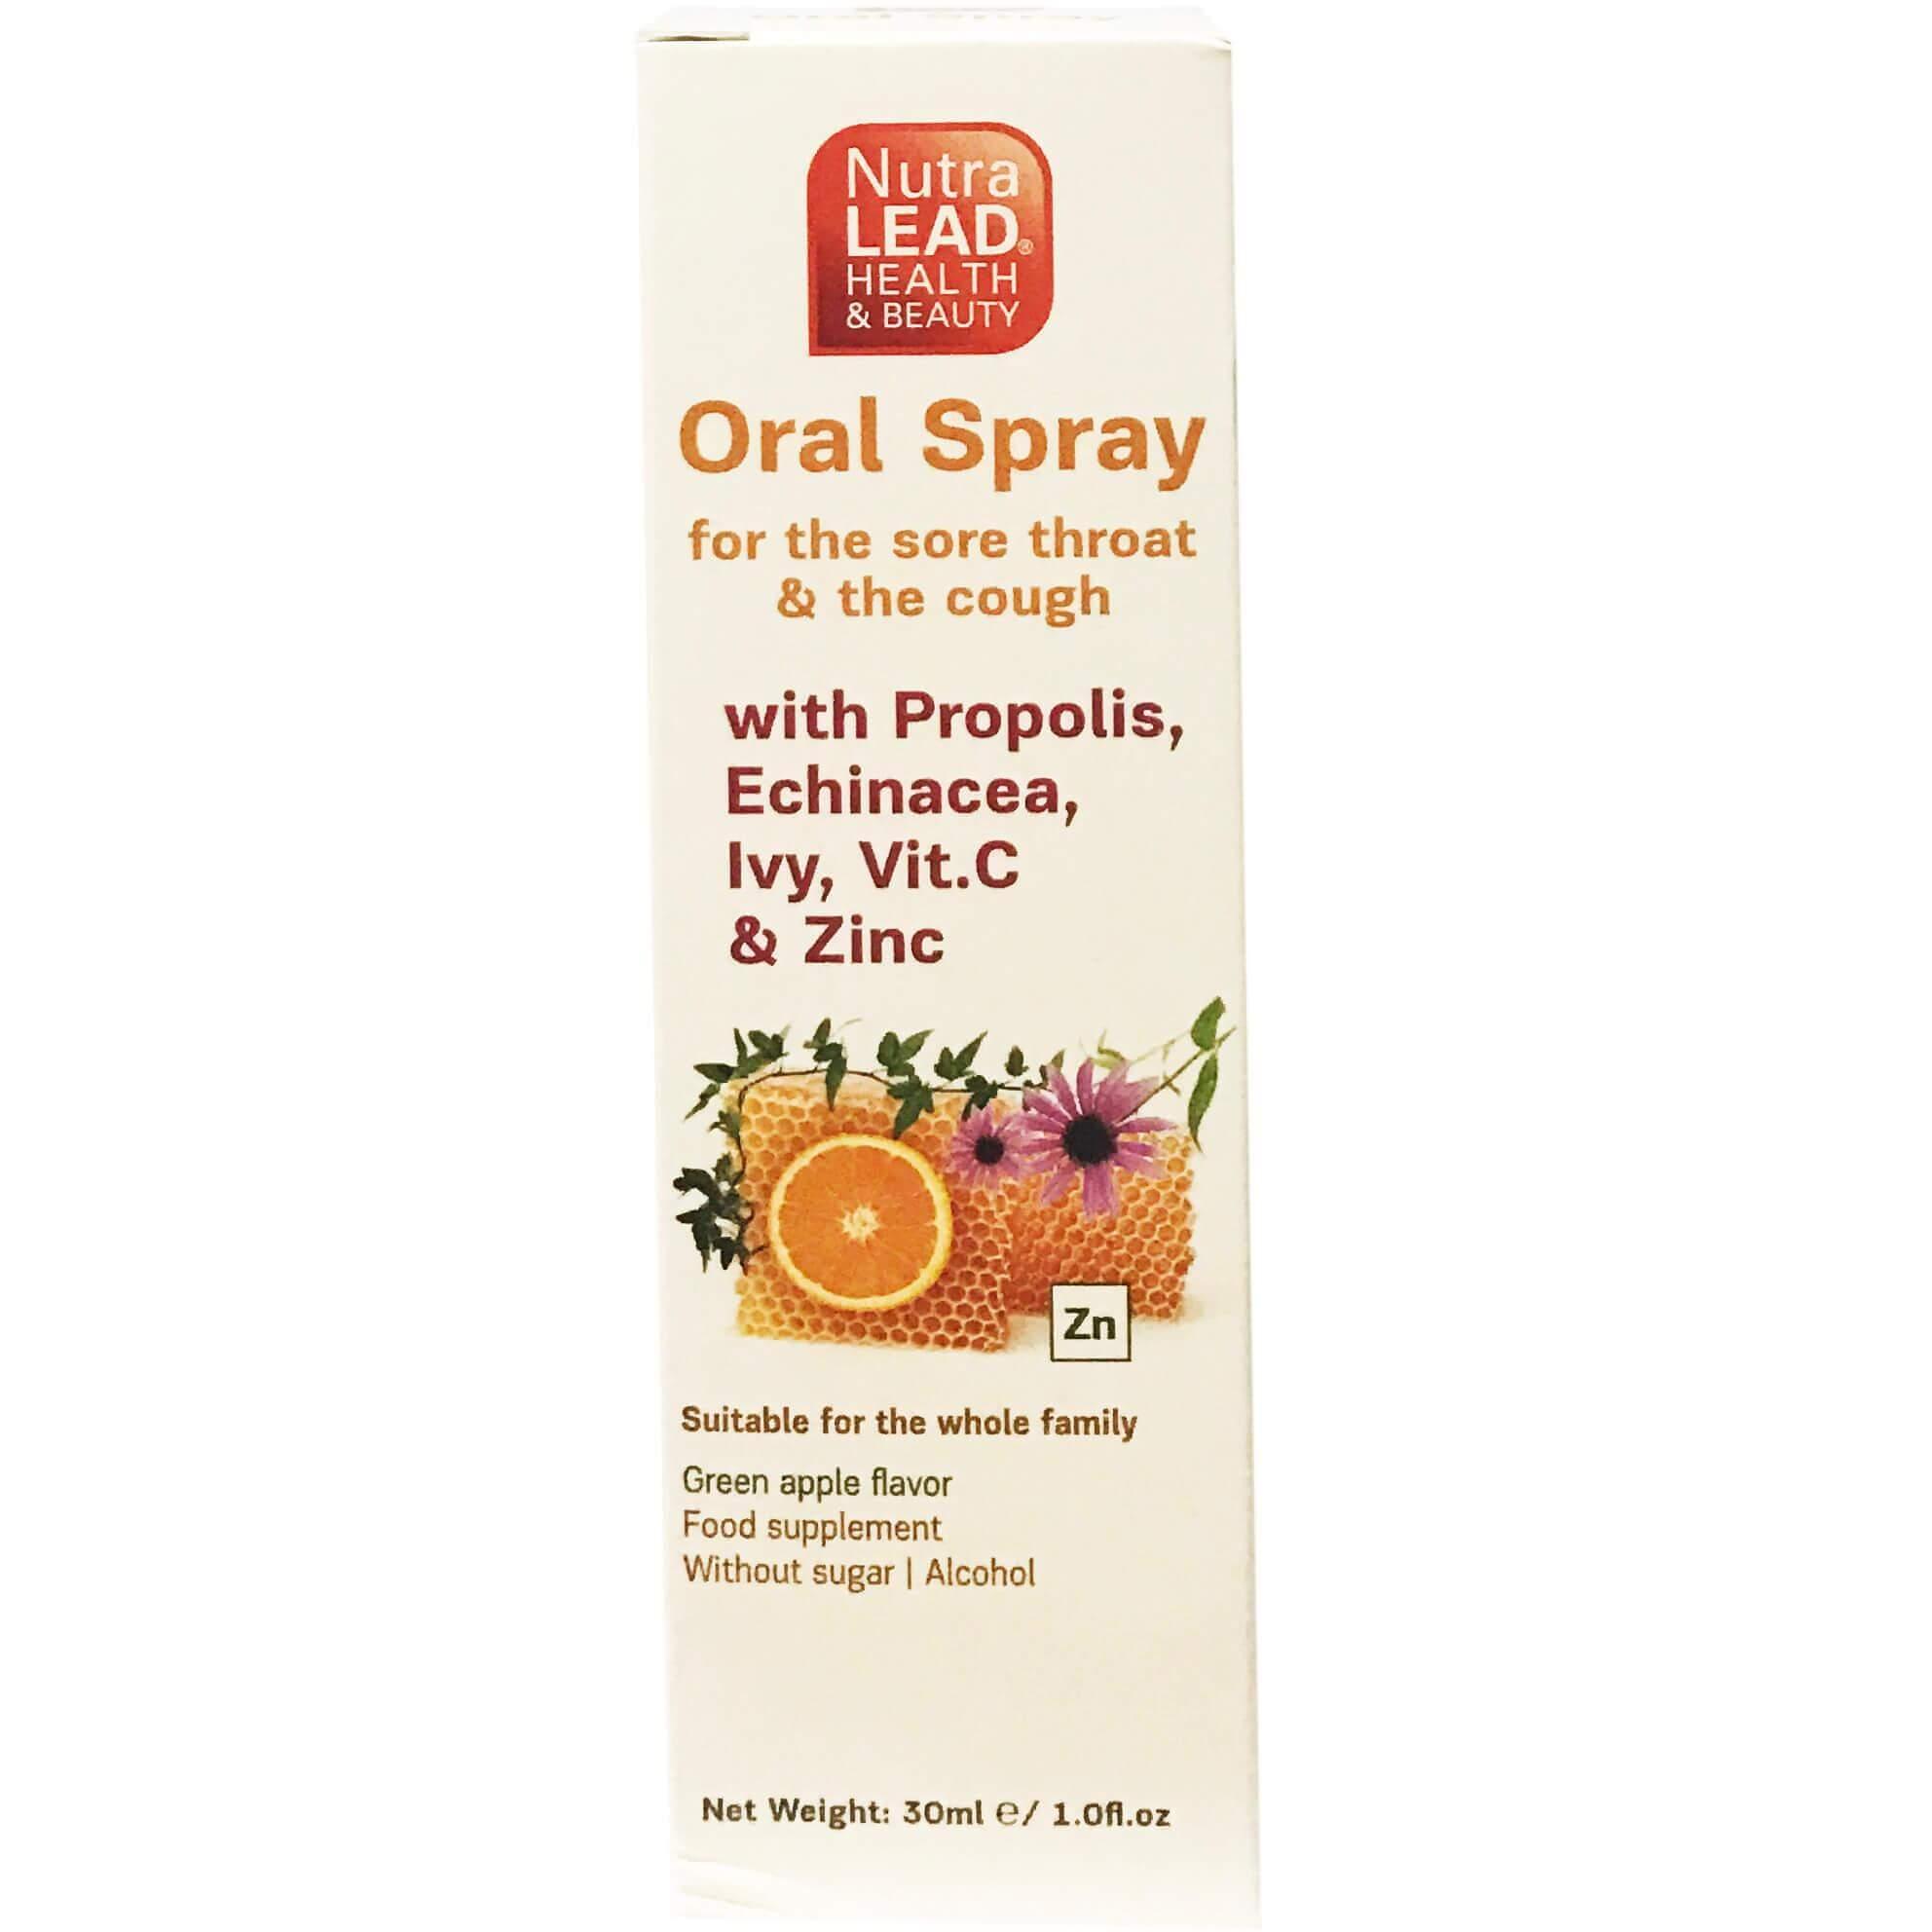 Nutralead Oral SprayΣτοματικό Sprayγια τον Ερεθισμένο Λαιμό & το Βήχα 30ml